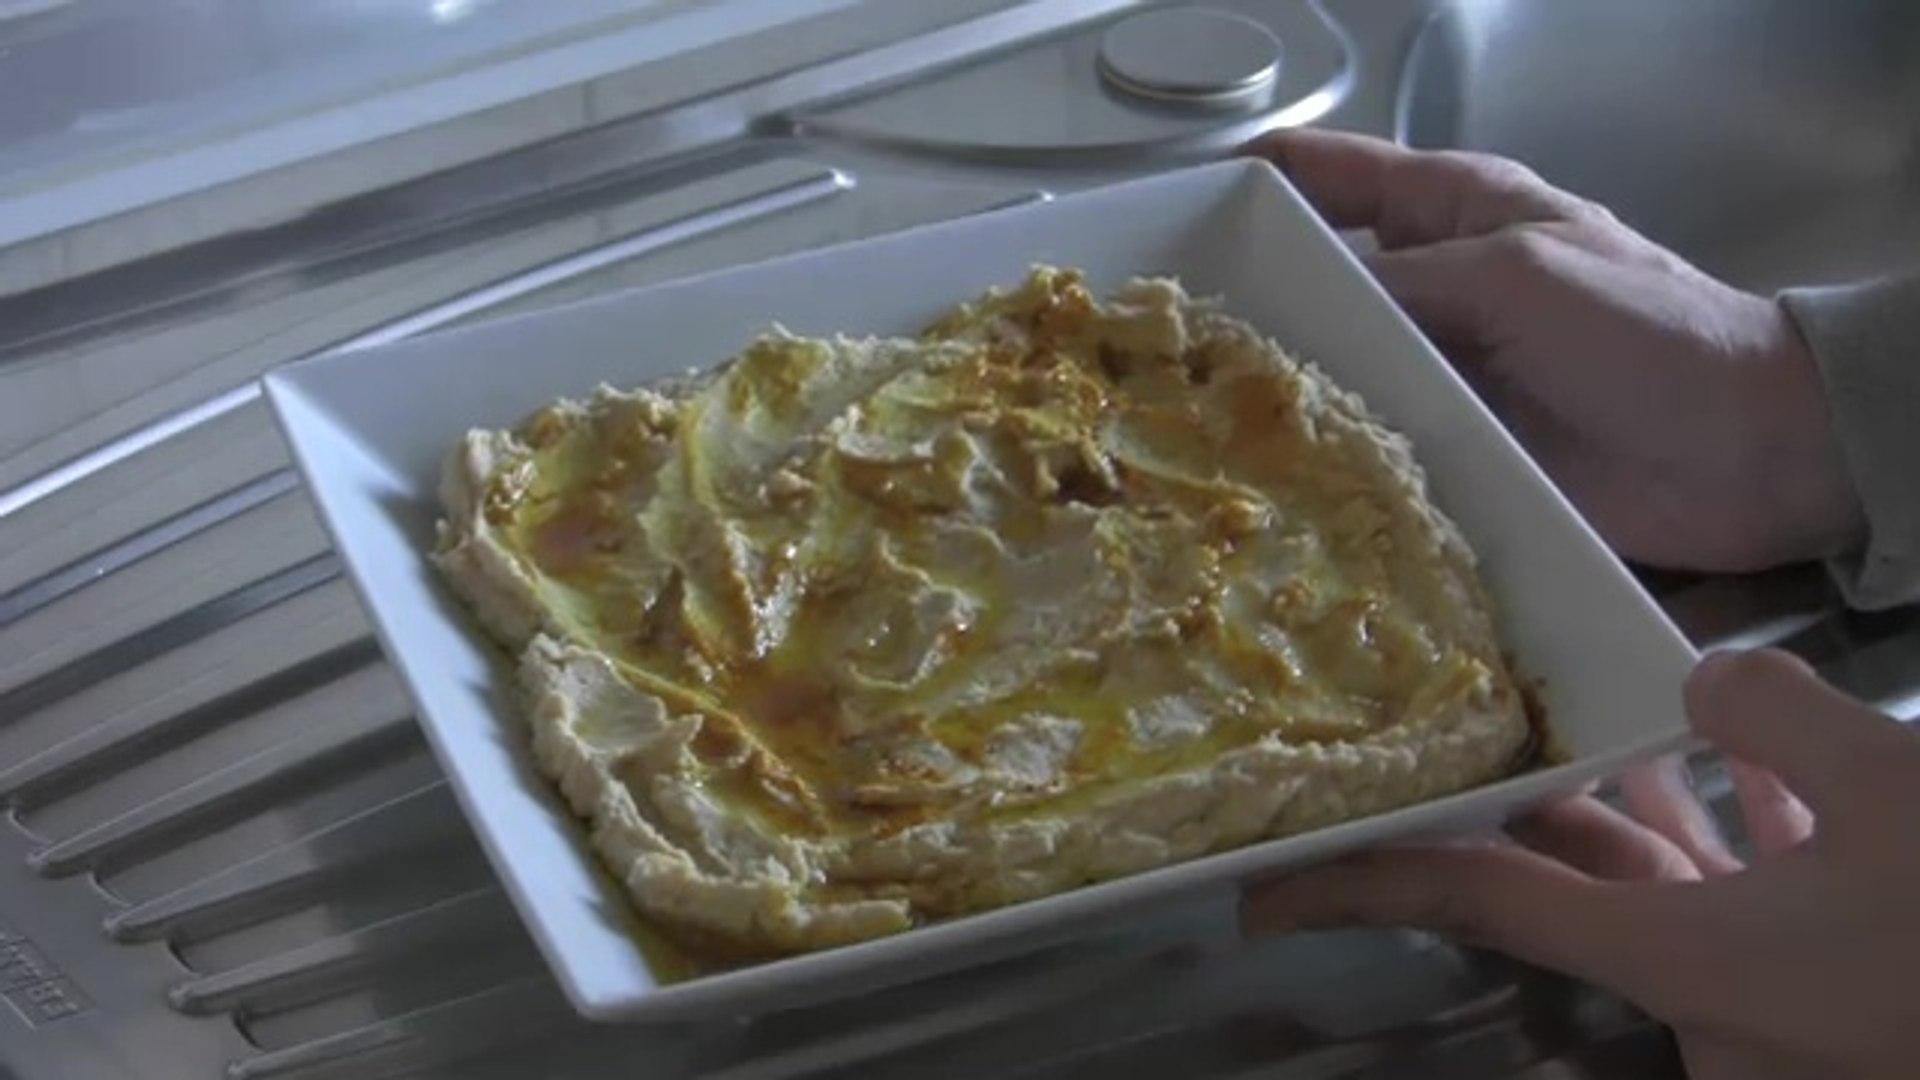 Ricetta Vegan Vegetariana - Ricetta vegan Hummus